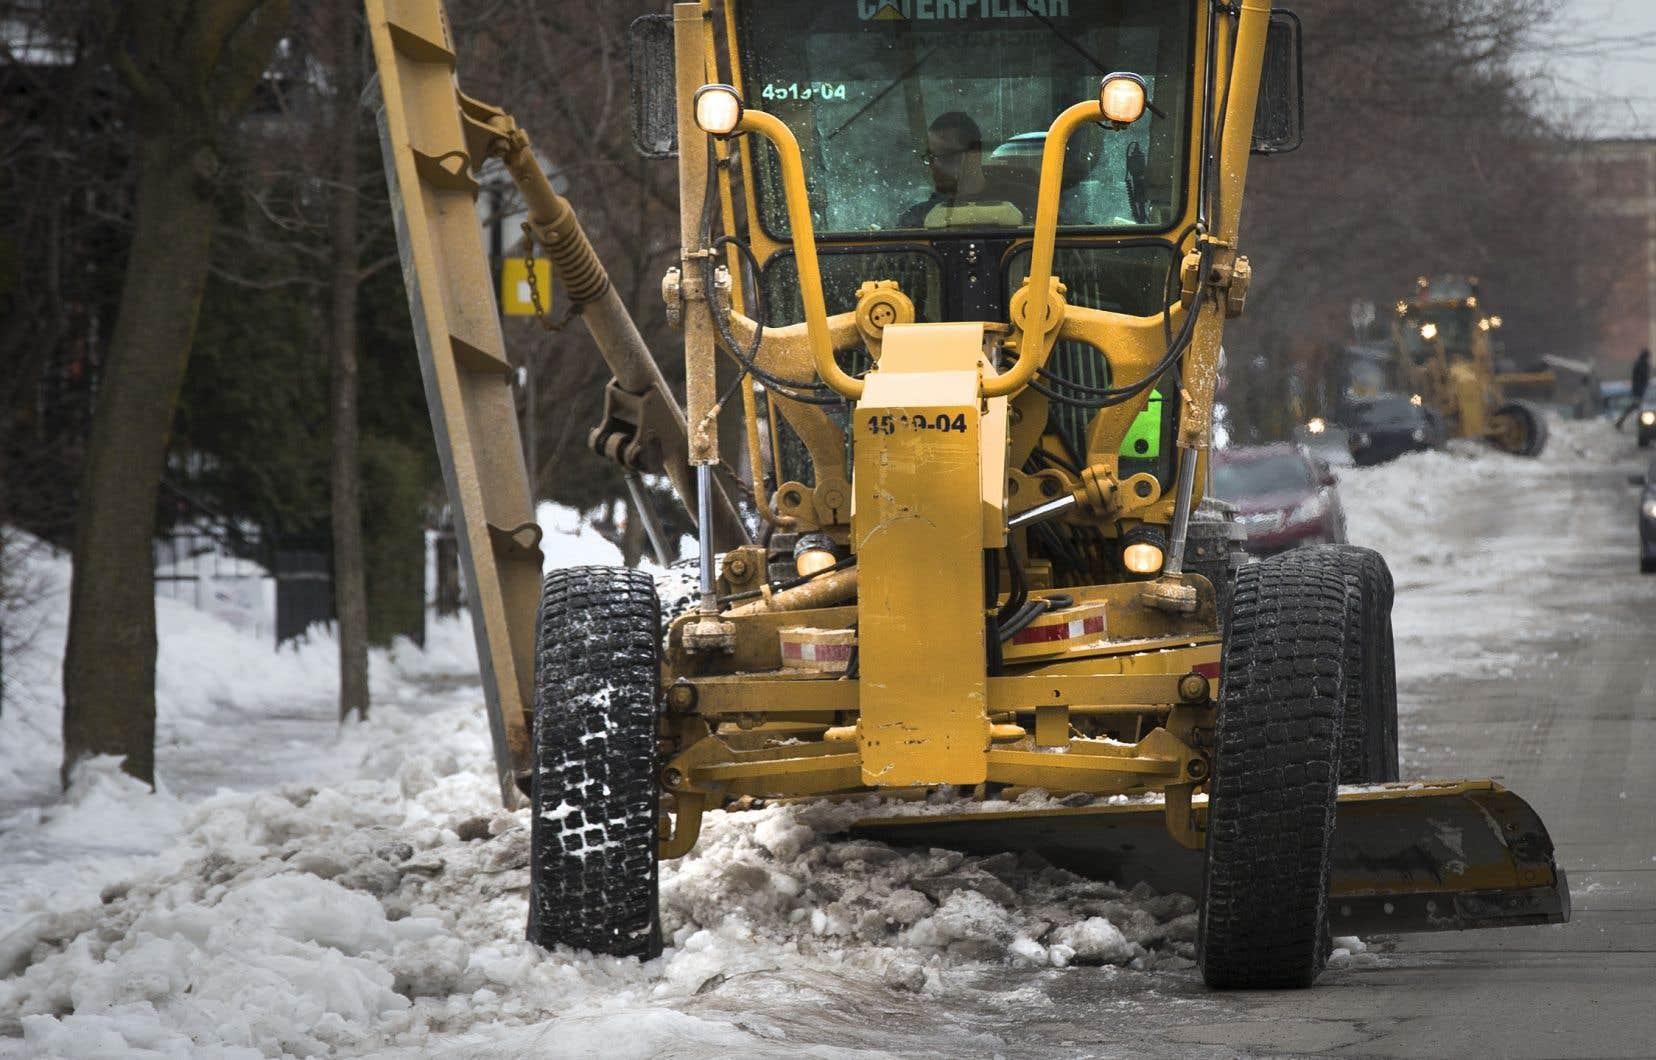 La pandémie de COVID-19 et le réchauffement climatique vont compliquer les opérations de déneigement cette année, selon l'administration Plante.